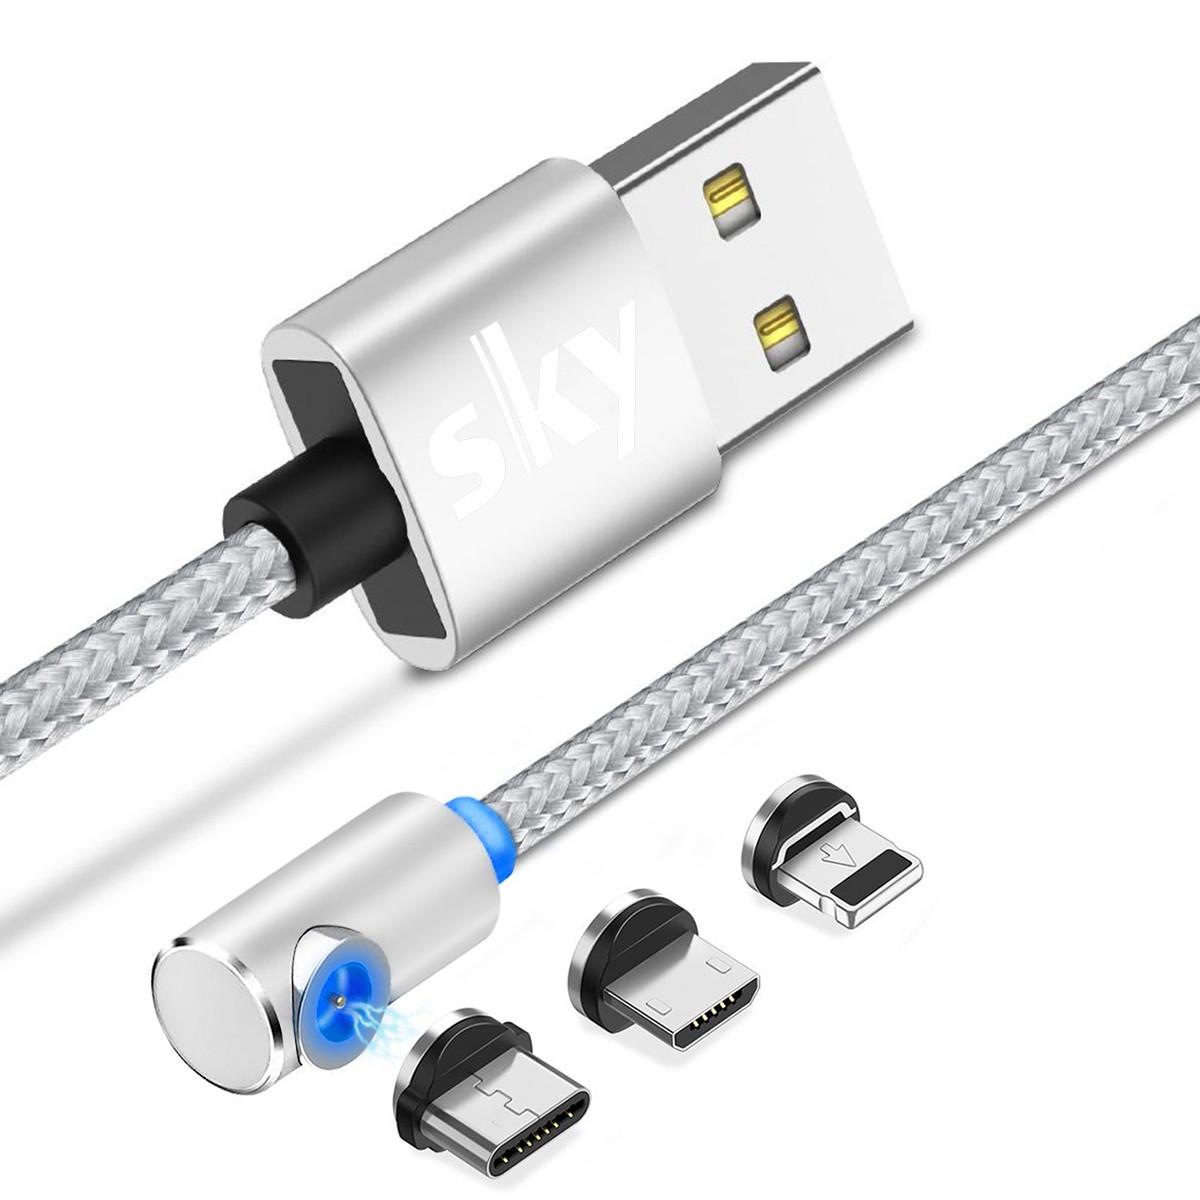 Магнитный кабель SKY 3в1 (L) для зарядки (100 см) Silver